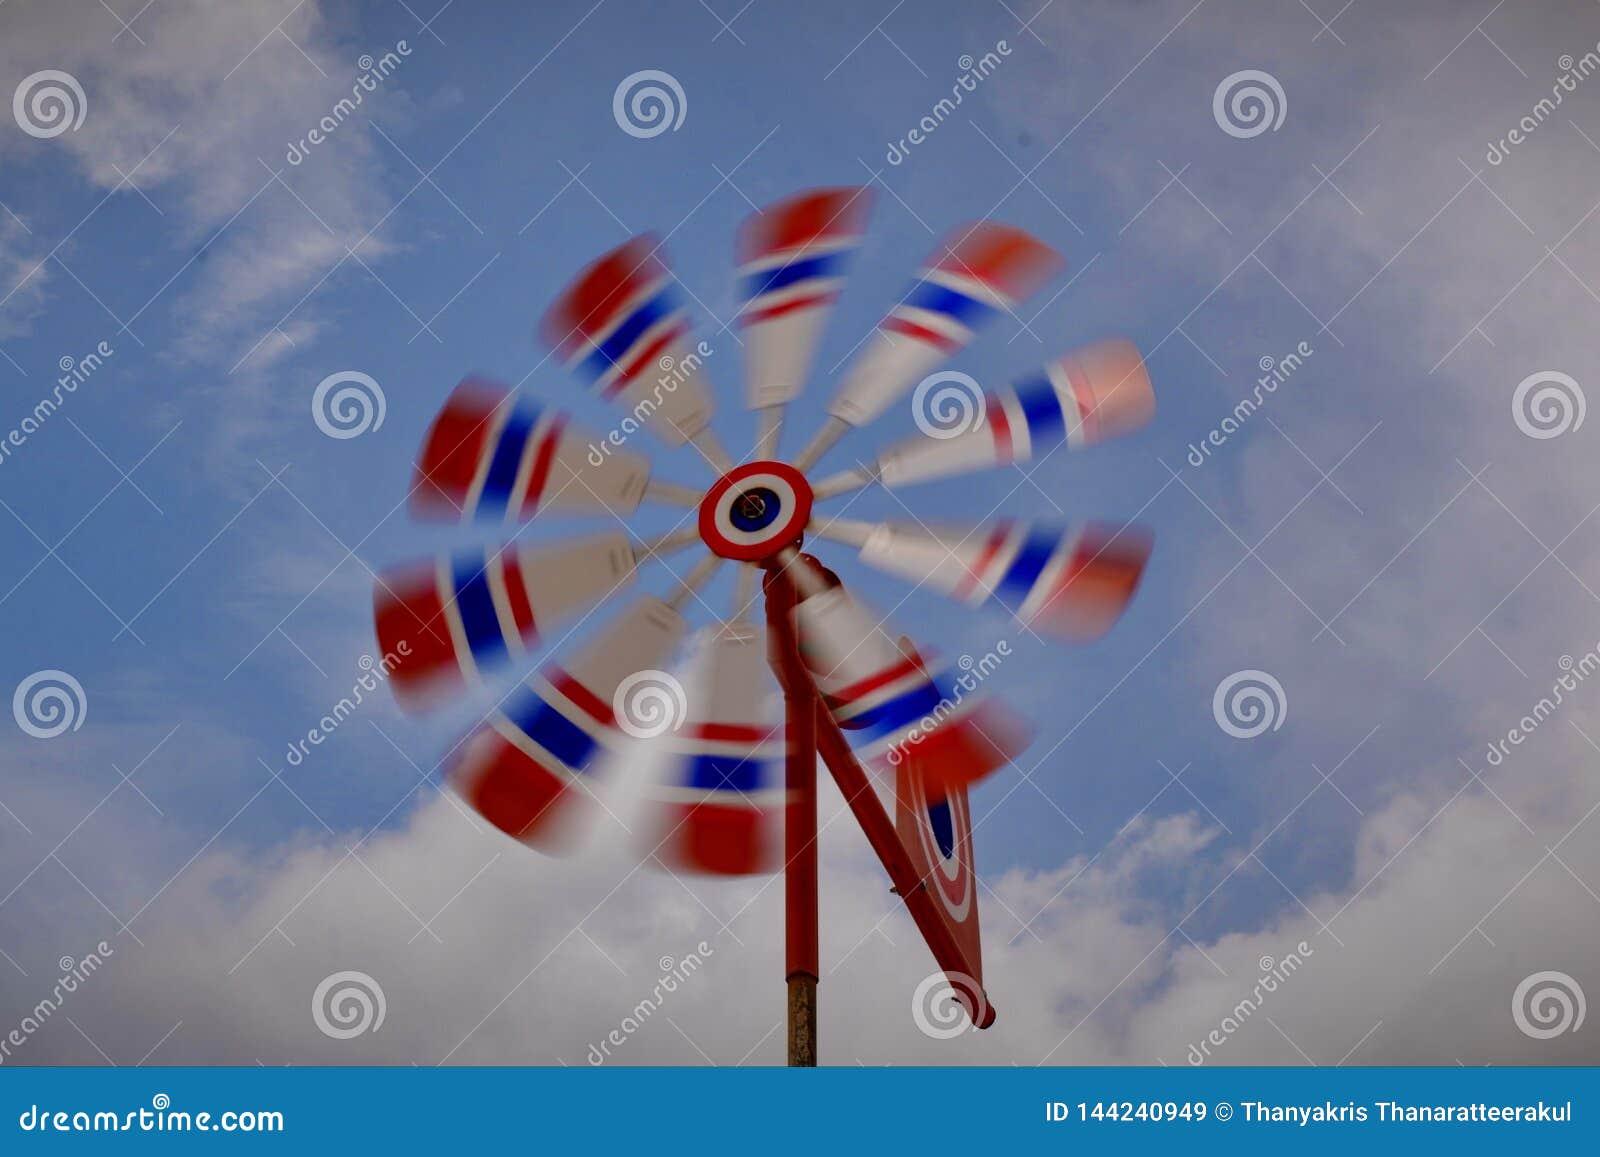 Ветротурбины использованы для того чтобы узнать направление ветра